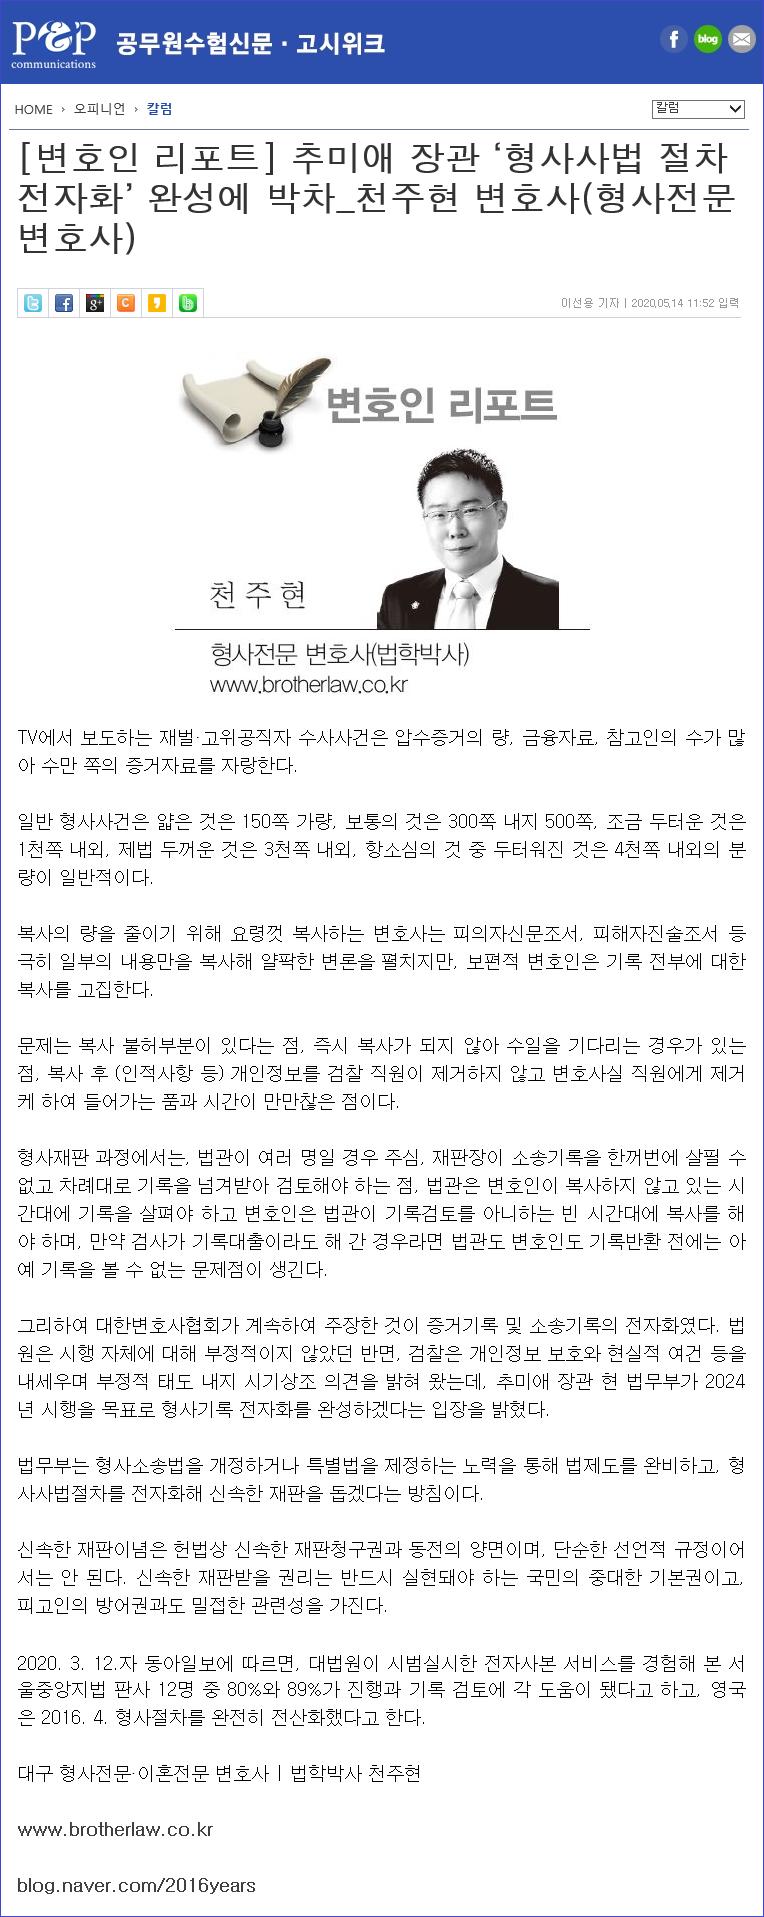 200514-변호인리포트(추미애 장관 '형사사법 절차 전자화' 완성에 박차)-블로그용.png